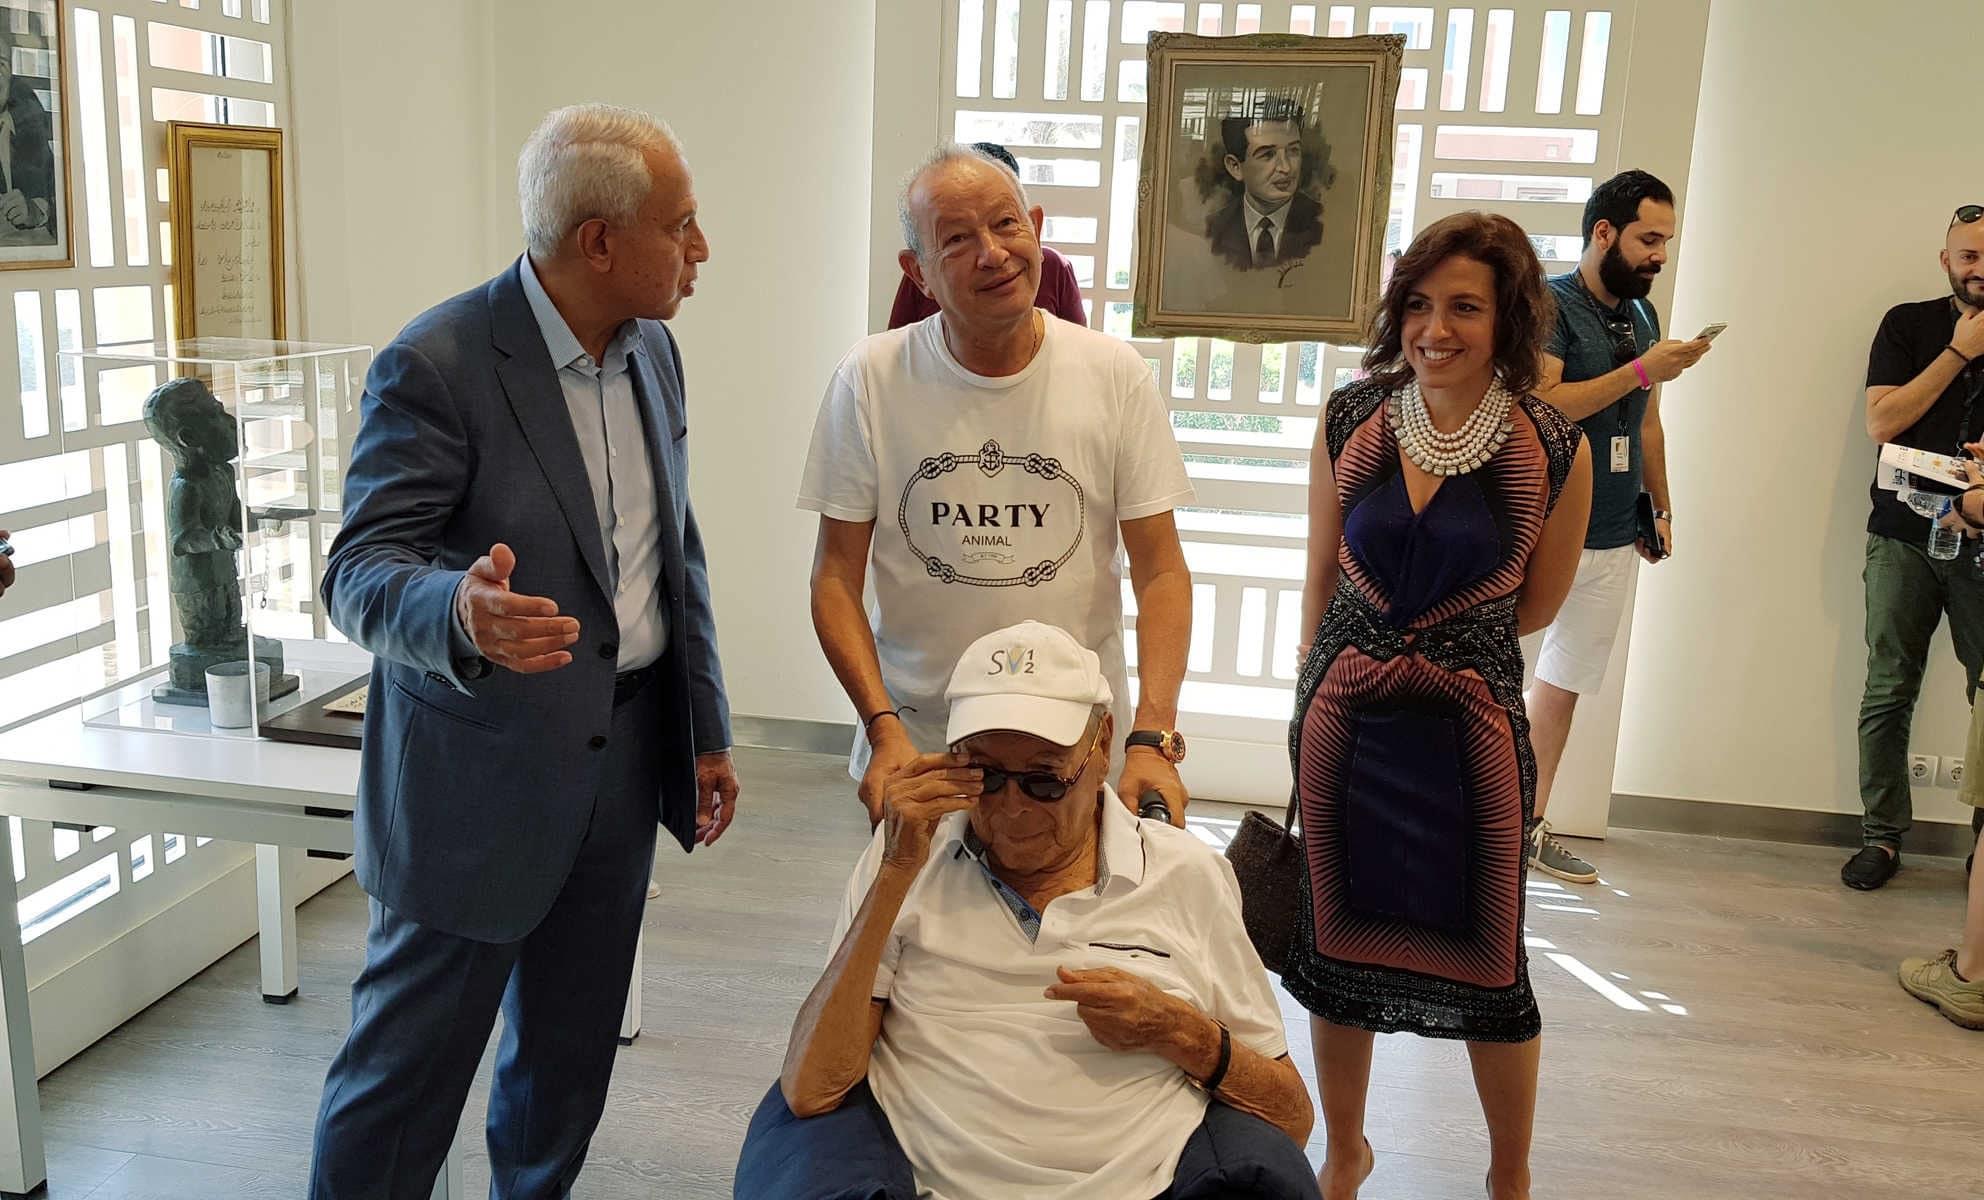 أنسي ساويرس يتصدر محركات البحث بعد وفاته.. مؤسس أغنى عائلة في مصر وهذه ثروته